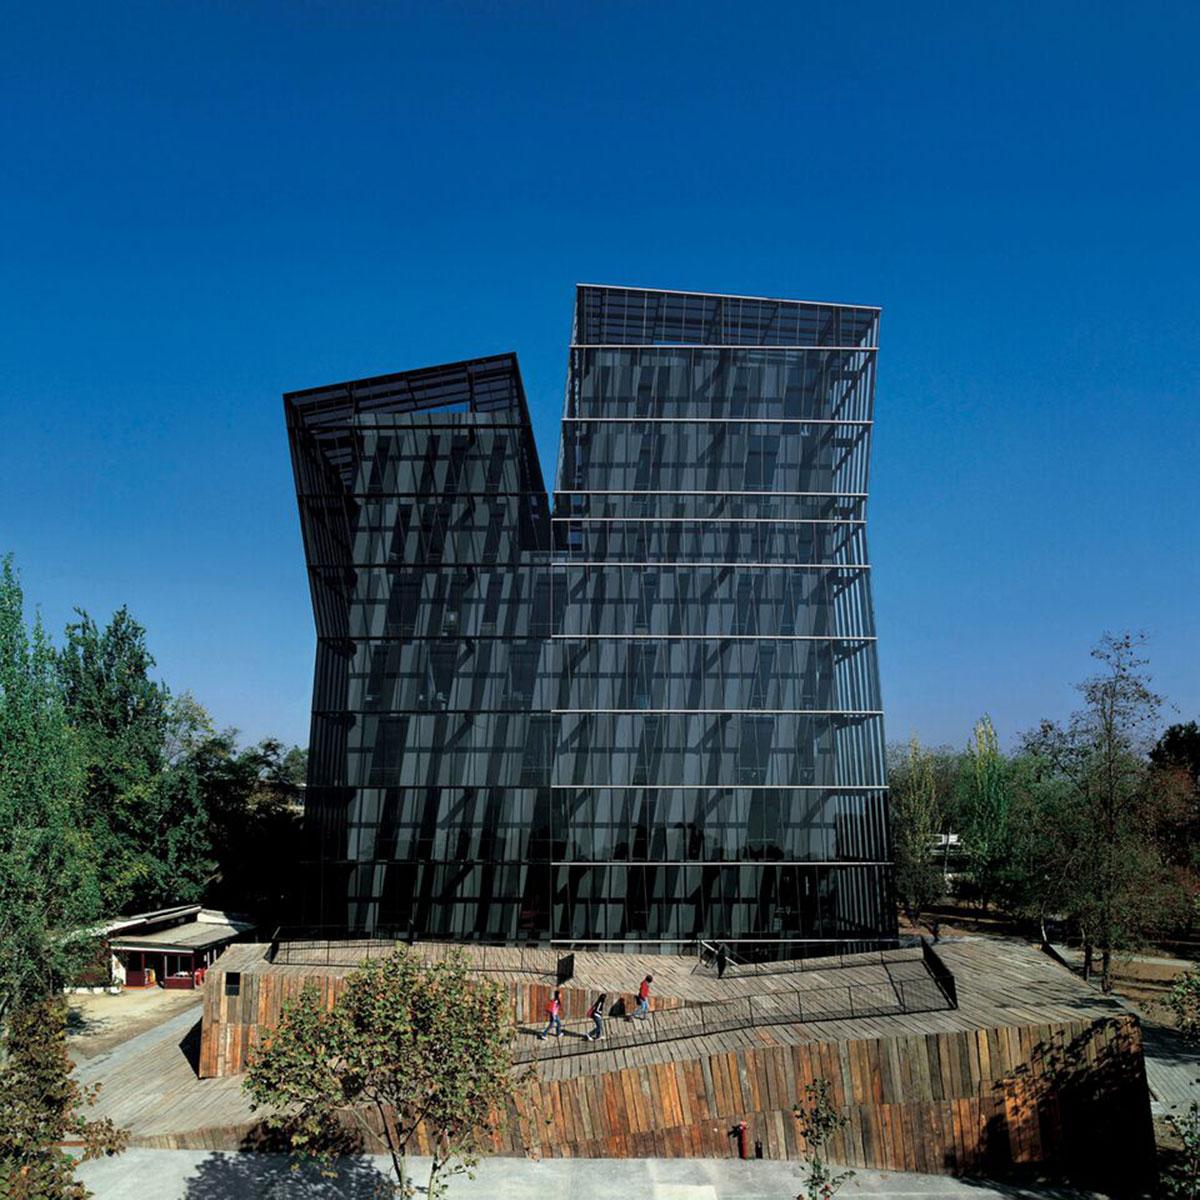 Torres Siamesas, Universidad Católica de Chile